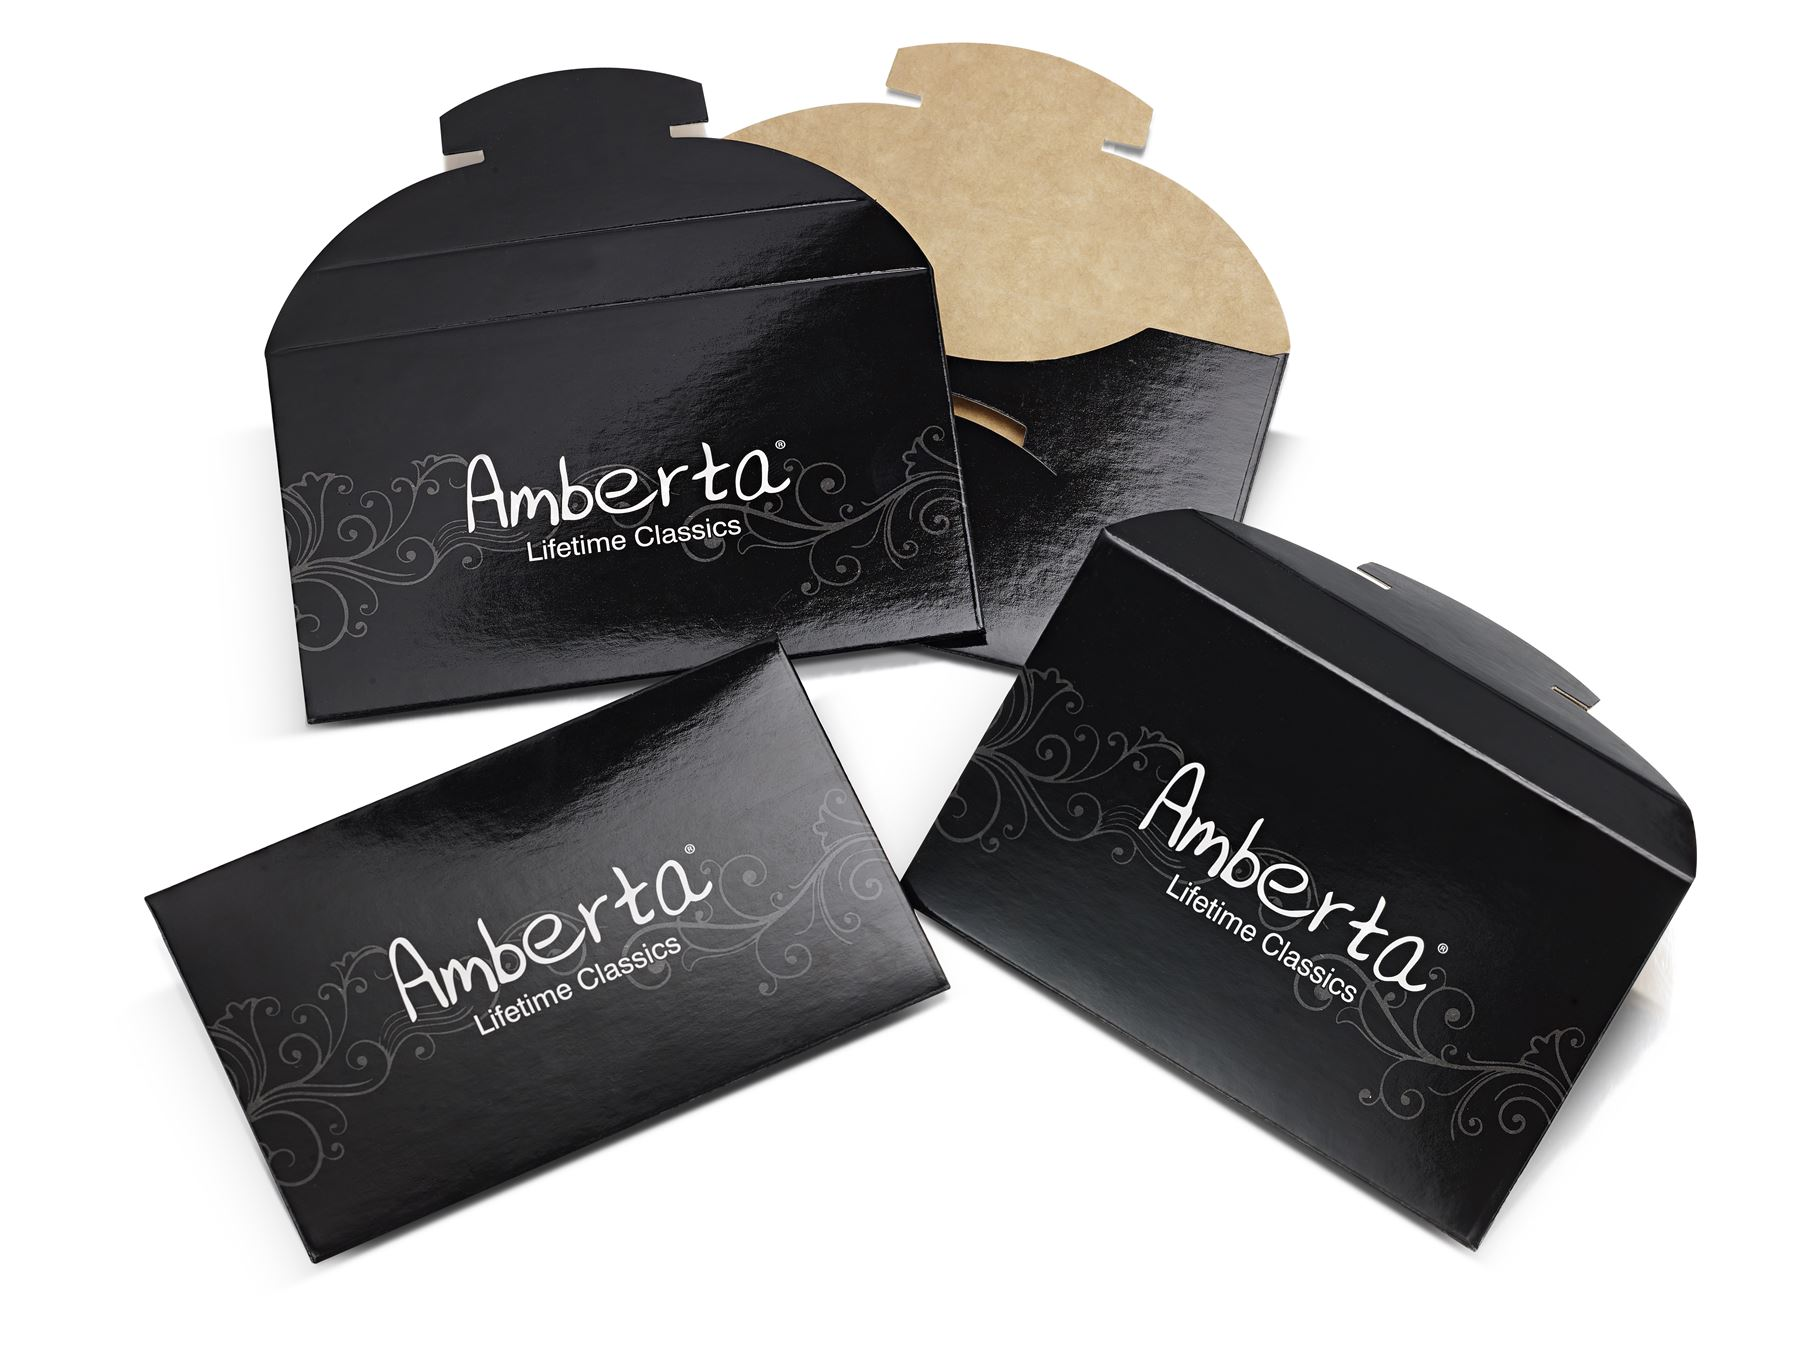 Amberta-Pendientes-para-Mujer-Aros-en-Plata-De-Ley-925-Autentica-Estilo-Clasico miniatura 6